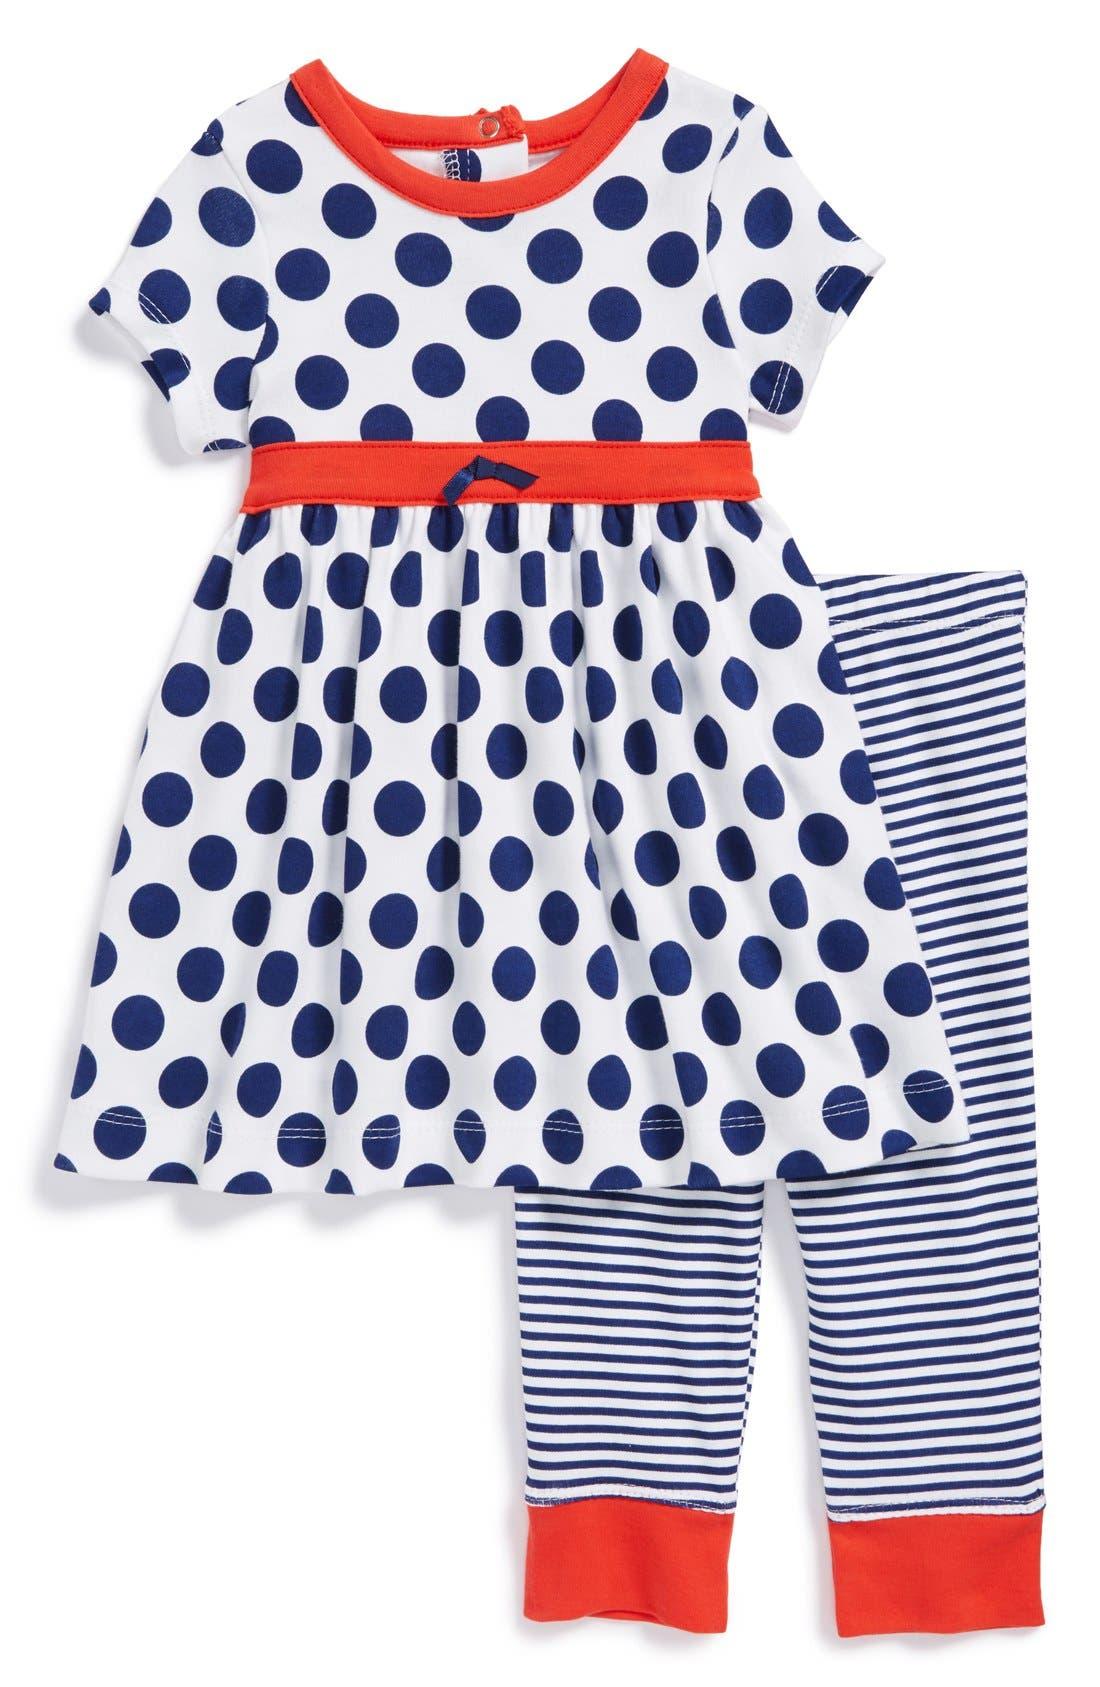 Alternate Image 1 Selected - Offspring 'Polka Dot' Dress & Leggings (Baby Girls)